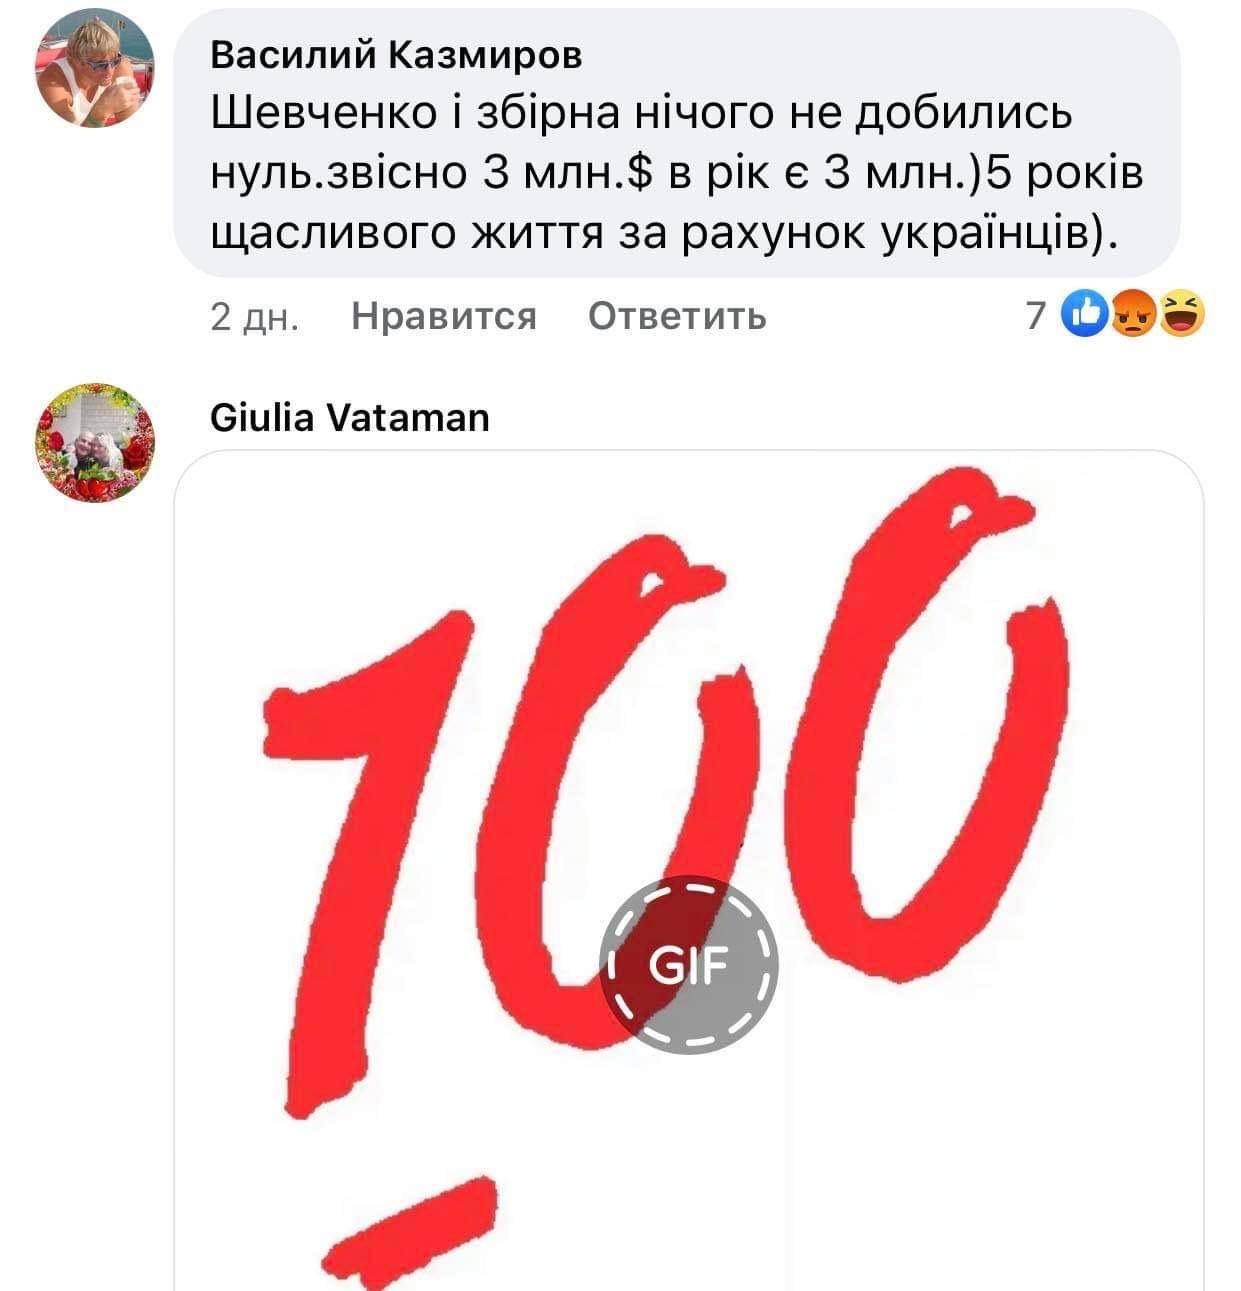 «До Евро говорил о работе в клубе, а после Евро клуба не оказалось»: как украинцы реагируют на заявление Шевченко - фото 4